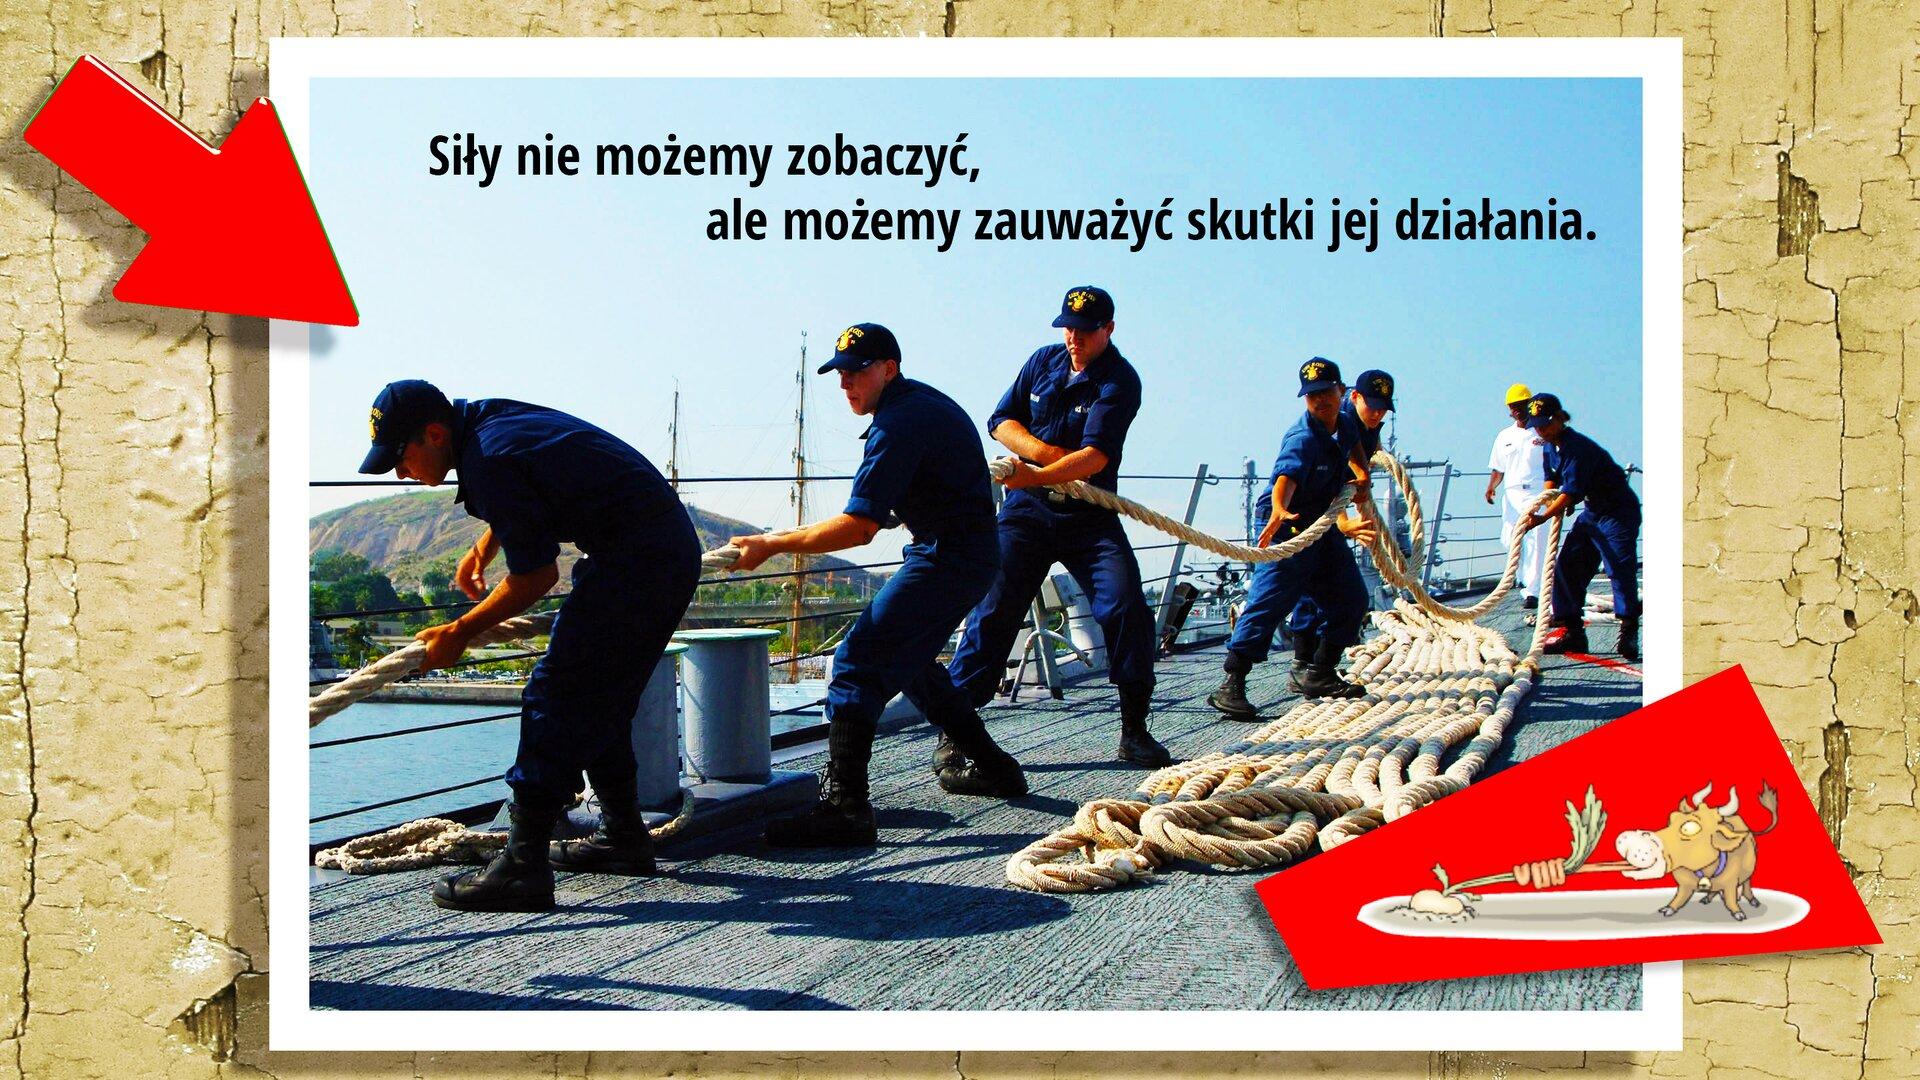 """Ilustracja przedstawia zdjęcie na ścianie, prezentujące mężczyzn ciągnących linę na pokładzie statku. Sześciu mężczyzn ciągnących linę ma granatowe kombinezony igranatowe czapki zdaszkiem. Za nimi stoi przyglądający się im mężczyzna. Ubrany jest wbiały kombinezon iżółty kask. Jest ładny słoneczny dzień. Woddali widać wzniesienie. Ugóry znajduje się napis: """"Siły nie możemy zobaczyć, ale możemy zauważyć skutki jej działania"""". Wlewym górnym rogu znajduje się czerwona strzałka grotem ustawiona wstronę zdjęcia. Wprawym dolnym rogu znajduje się rysunek byka, który też ciągnie linę."""